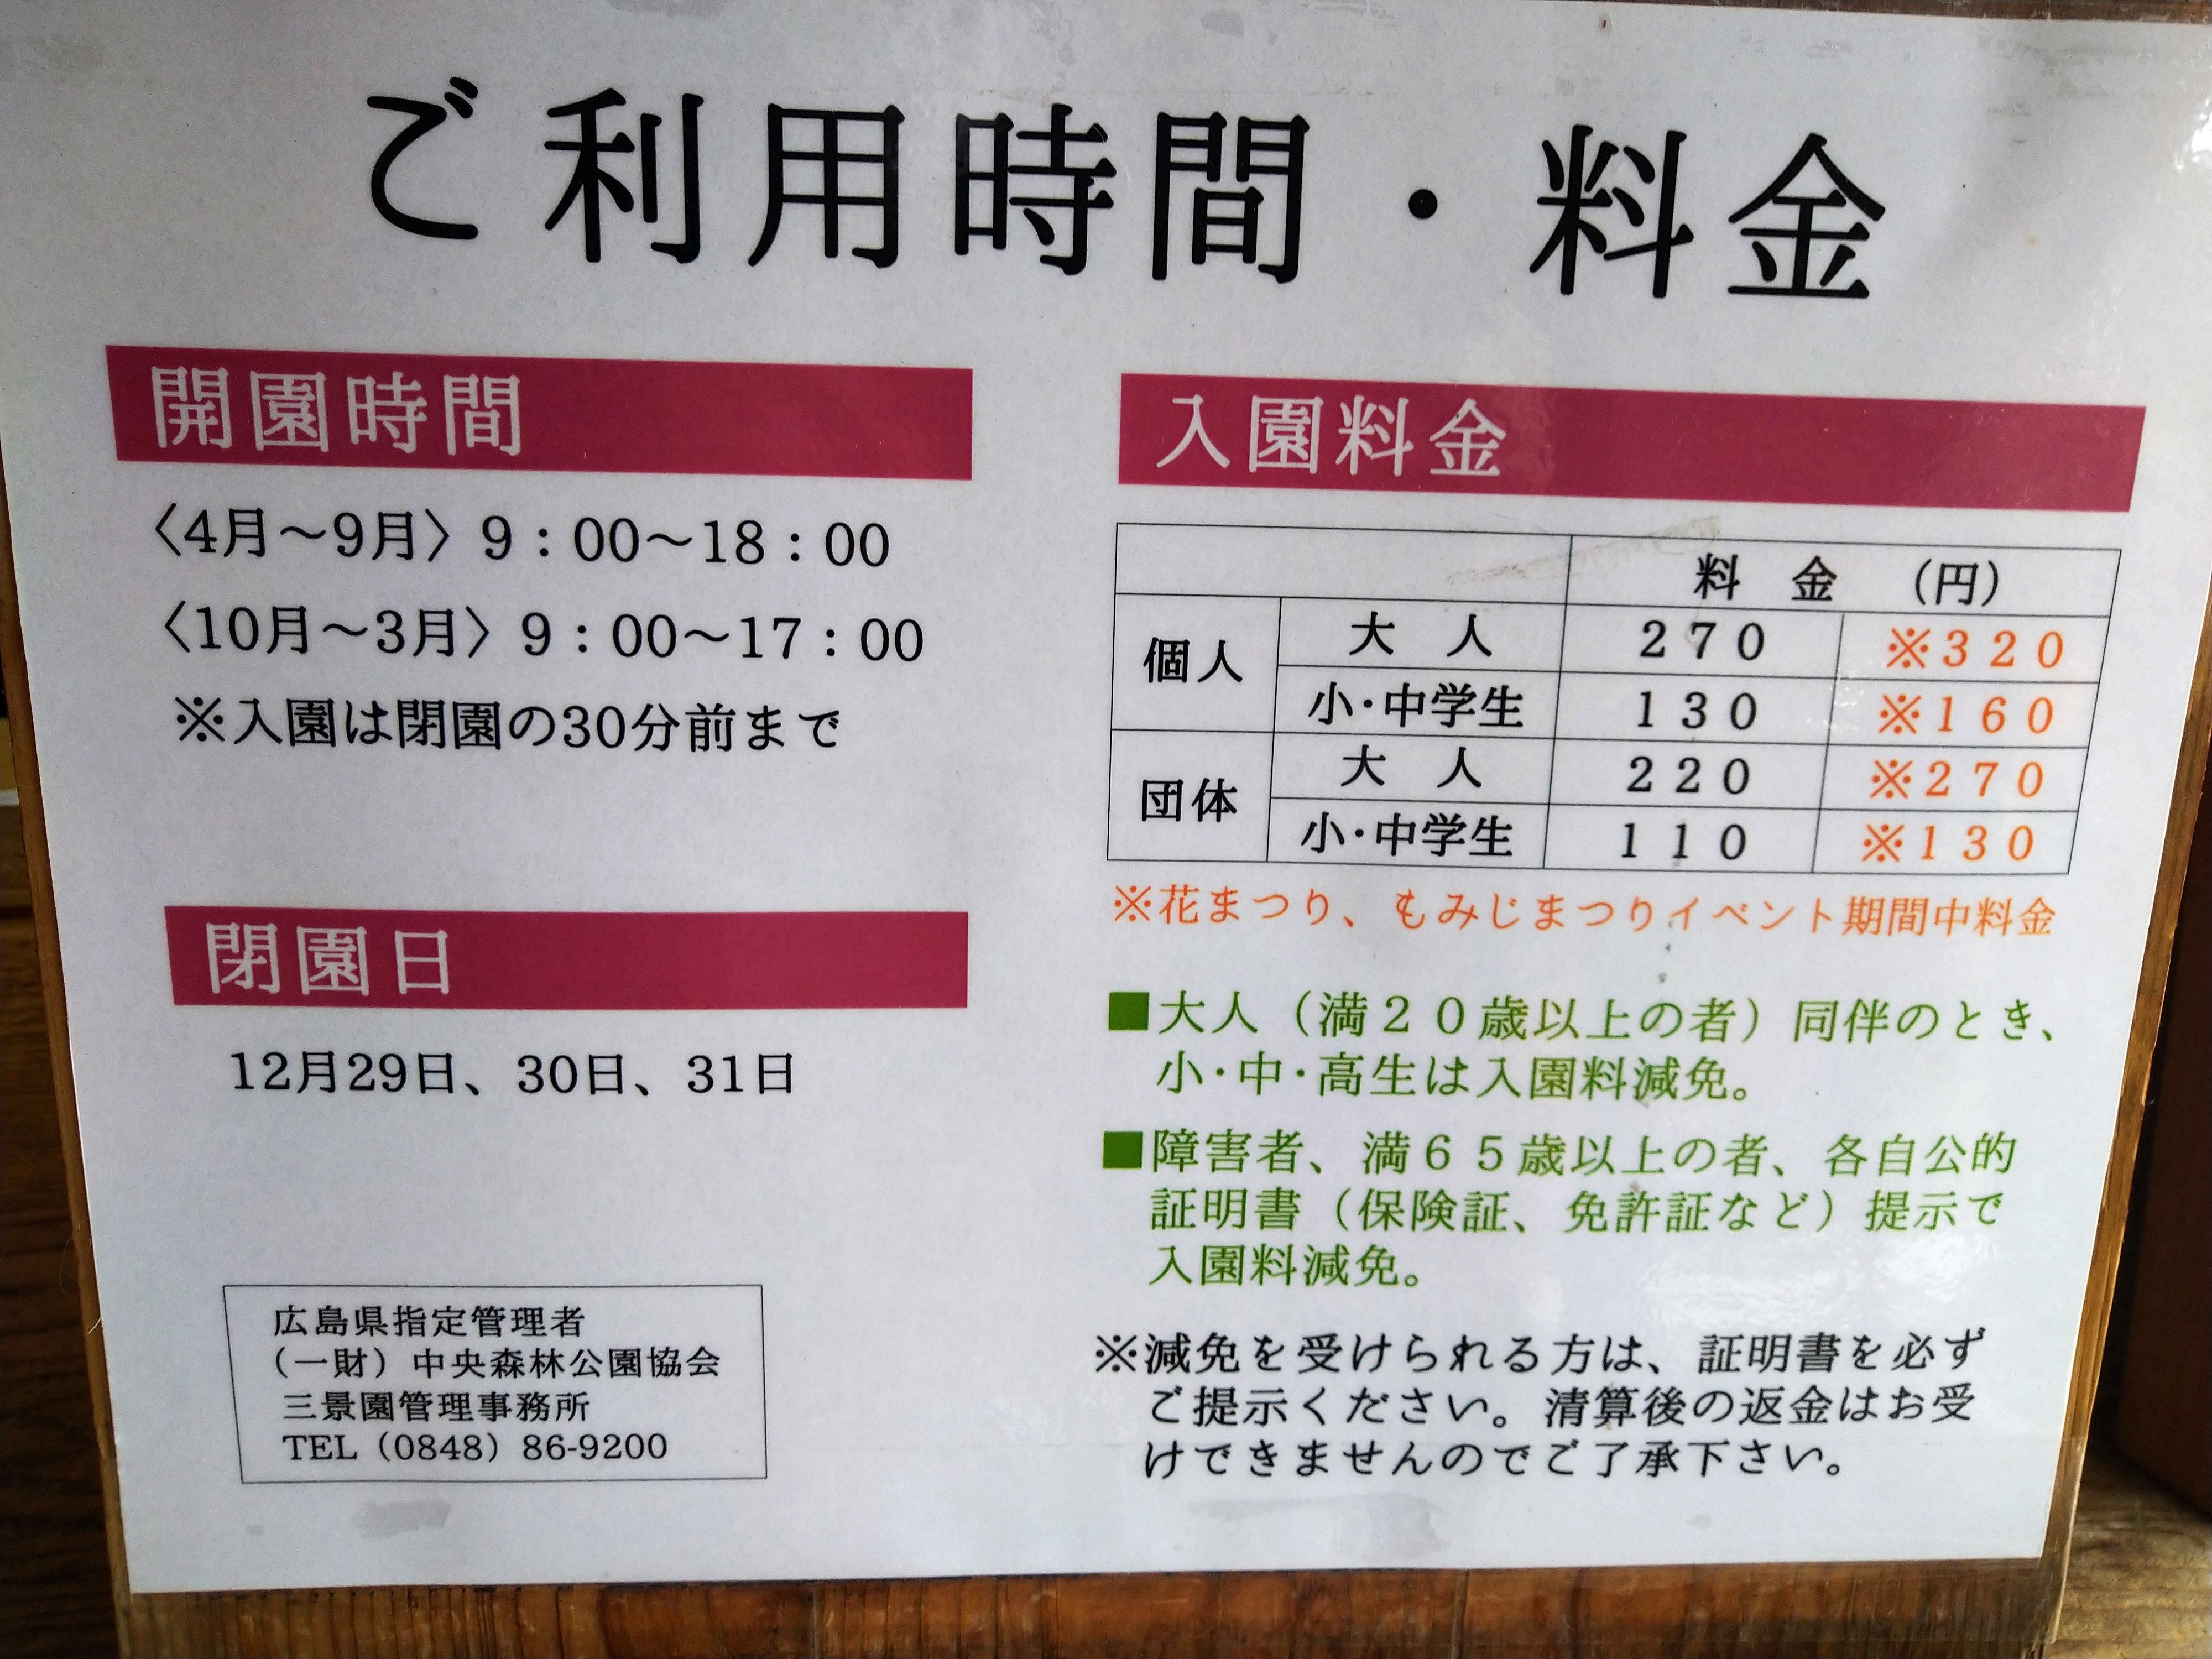 三景園の開園時間表